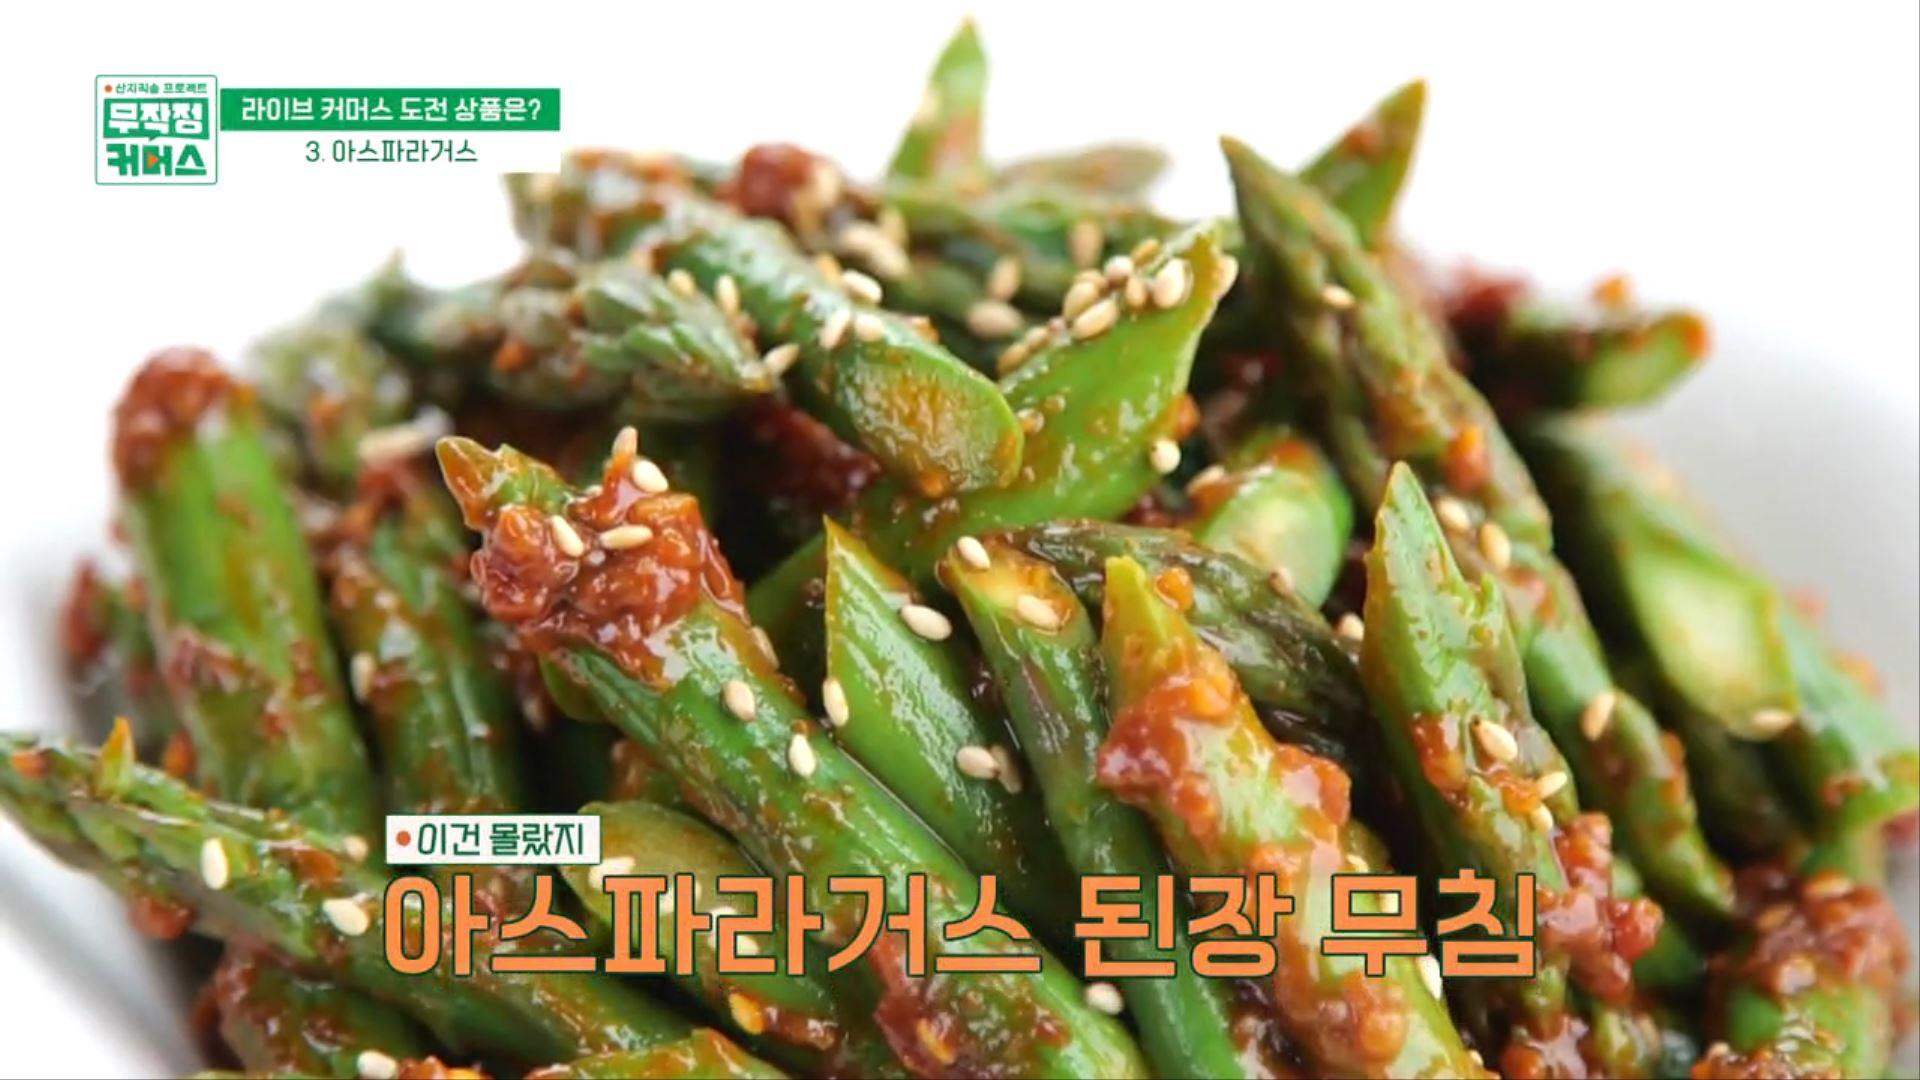 (이건 몰랐지?) 고급 야채로만 알고 있는 아스파라거스를 활용한 다양한 음식들! 이미지